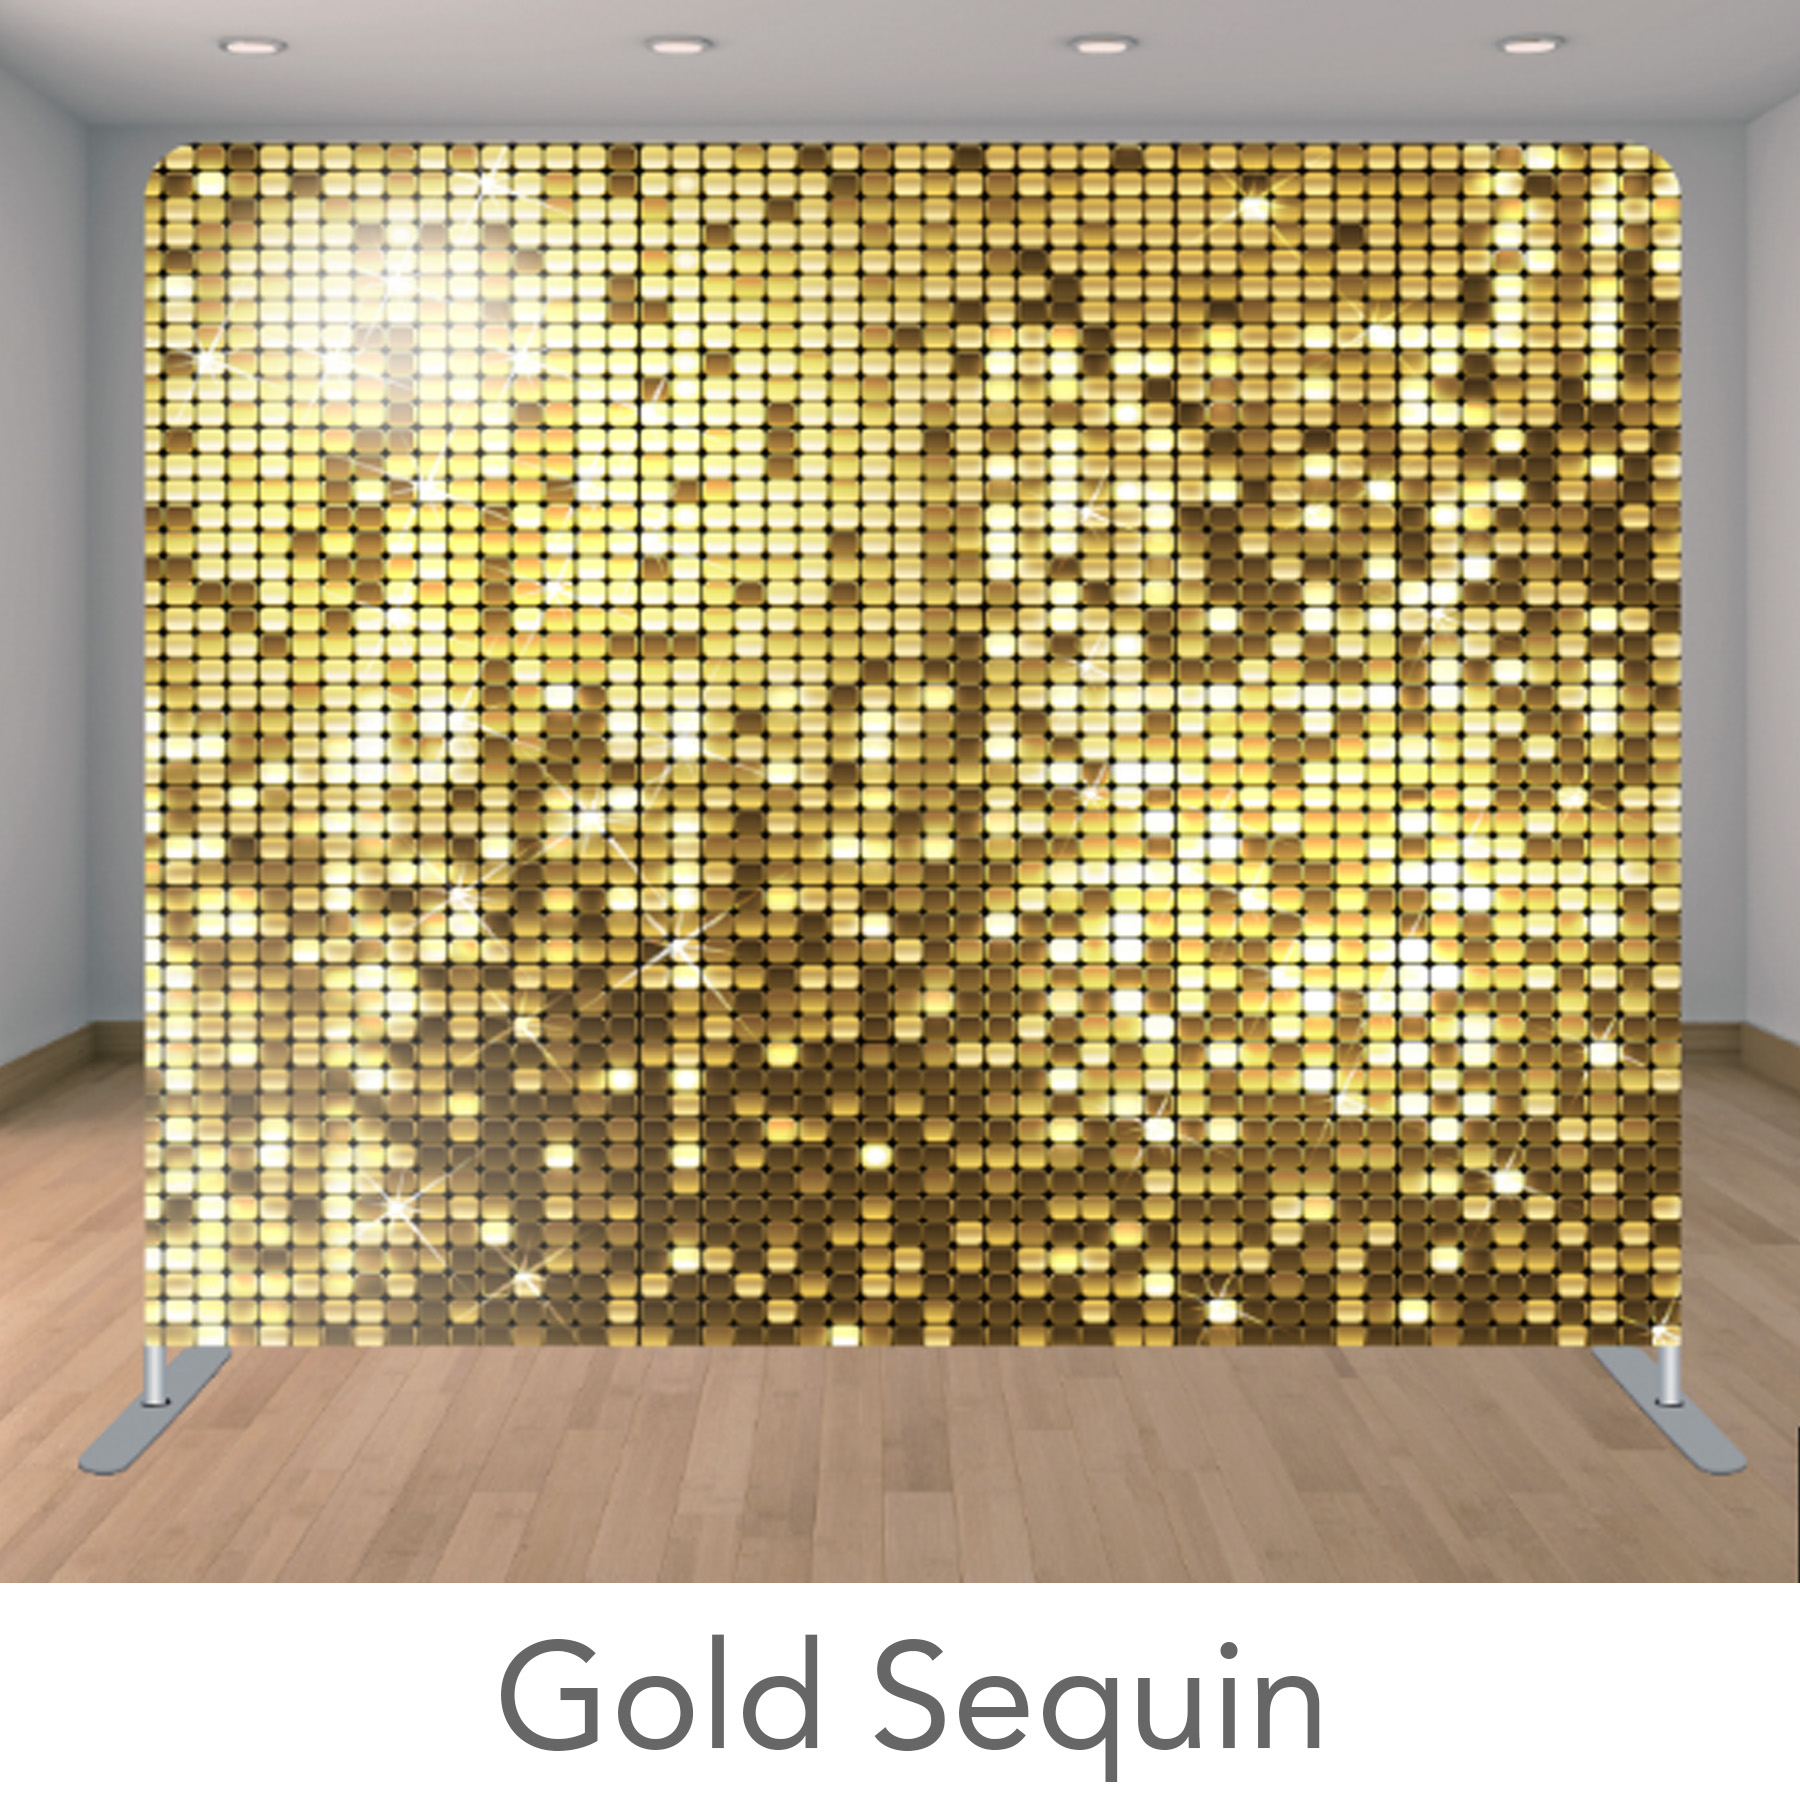 GoldSequin.jpg